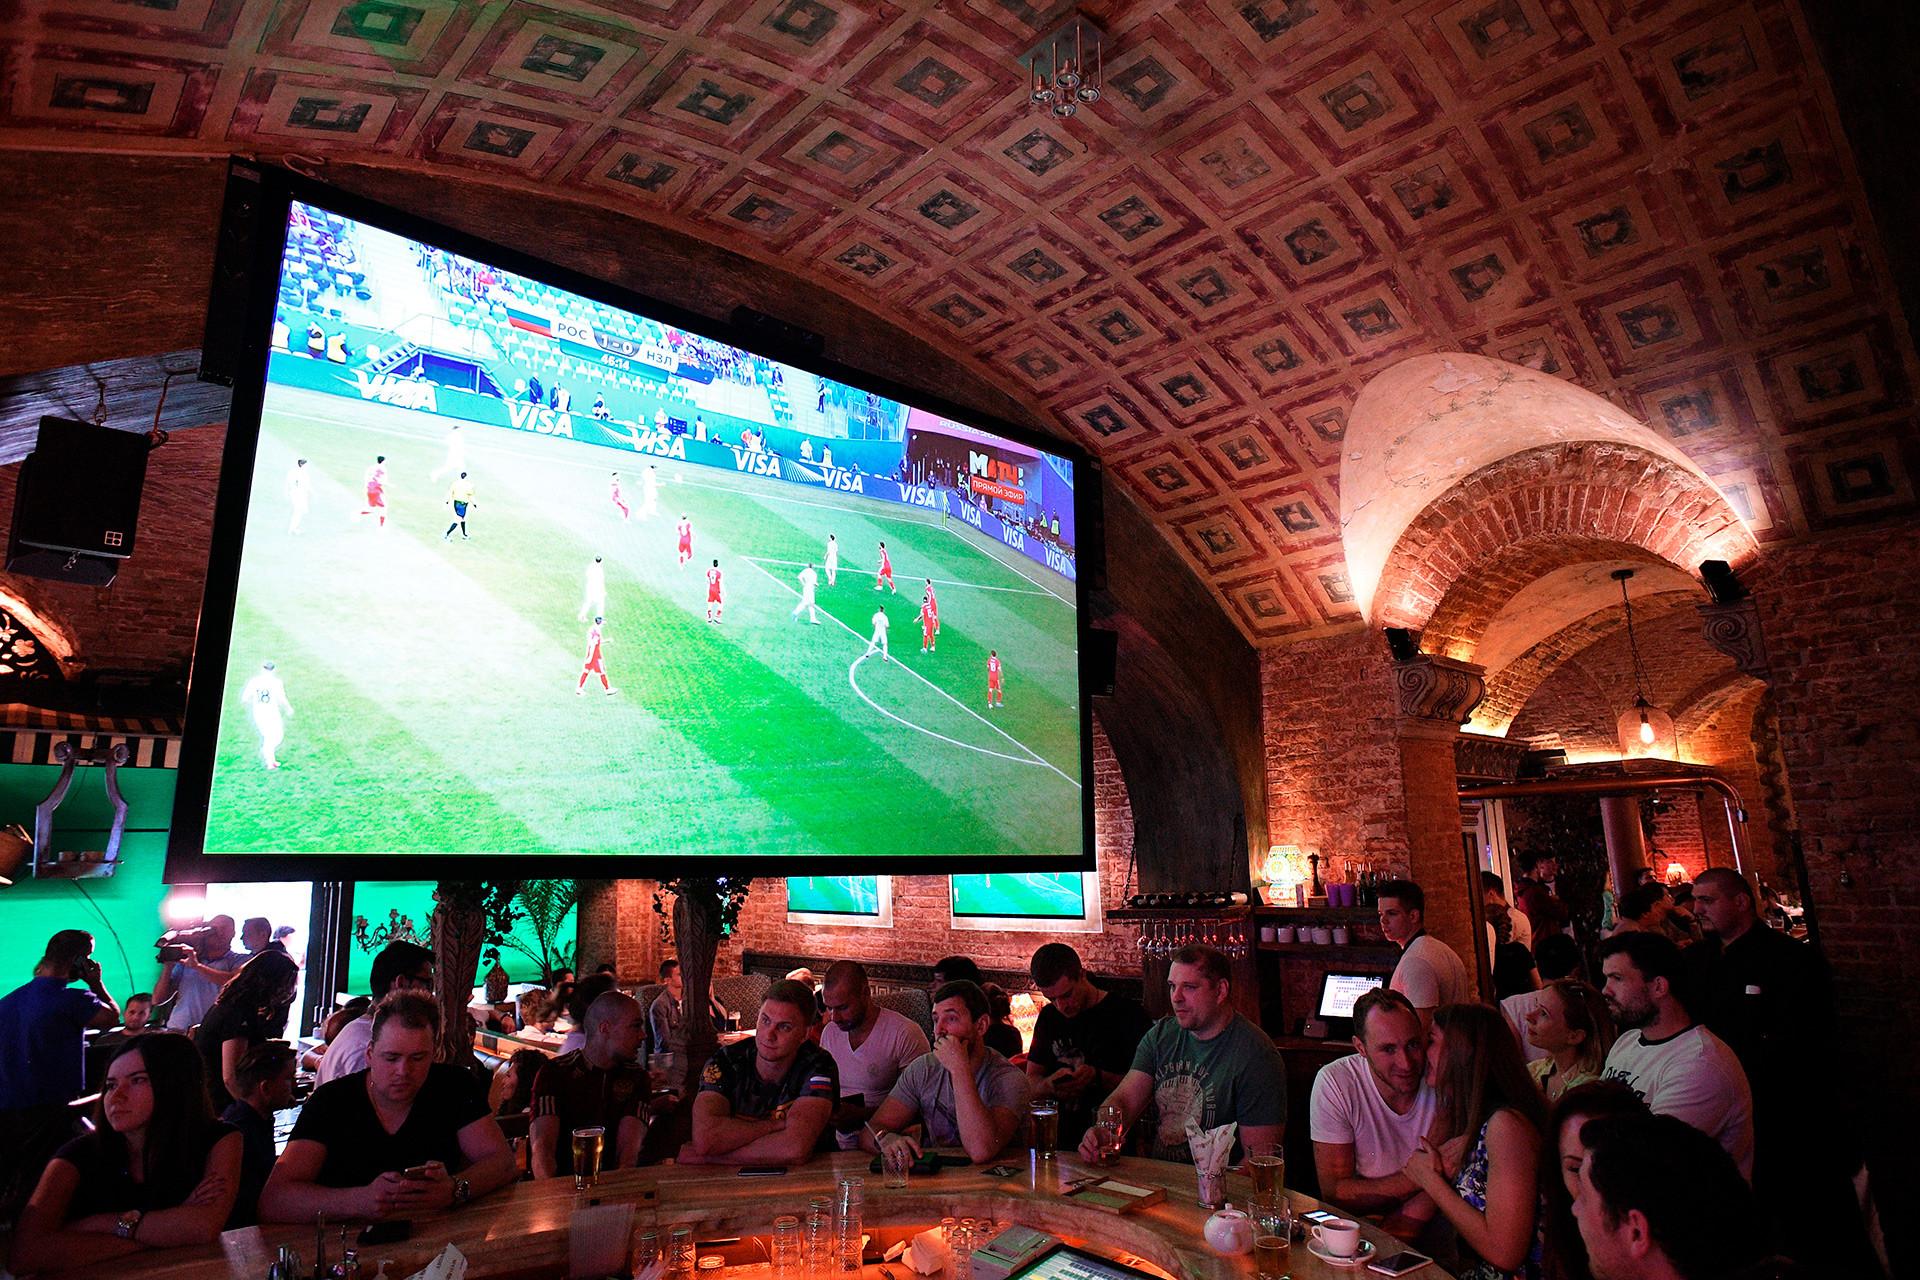 Penggemar sepak bola menyaksikan seremoni pembukaan Piala Konfederasi FIFA 2017 di pub Liga Pap di Moskow.